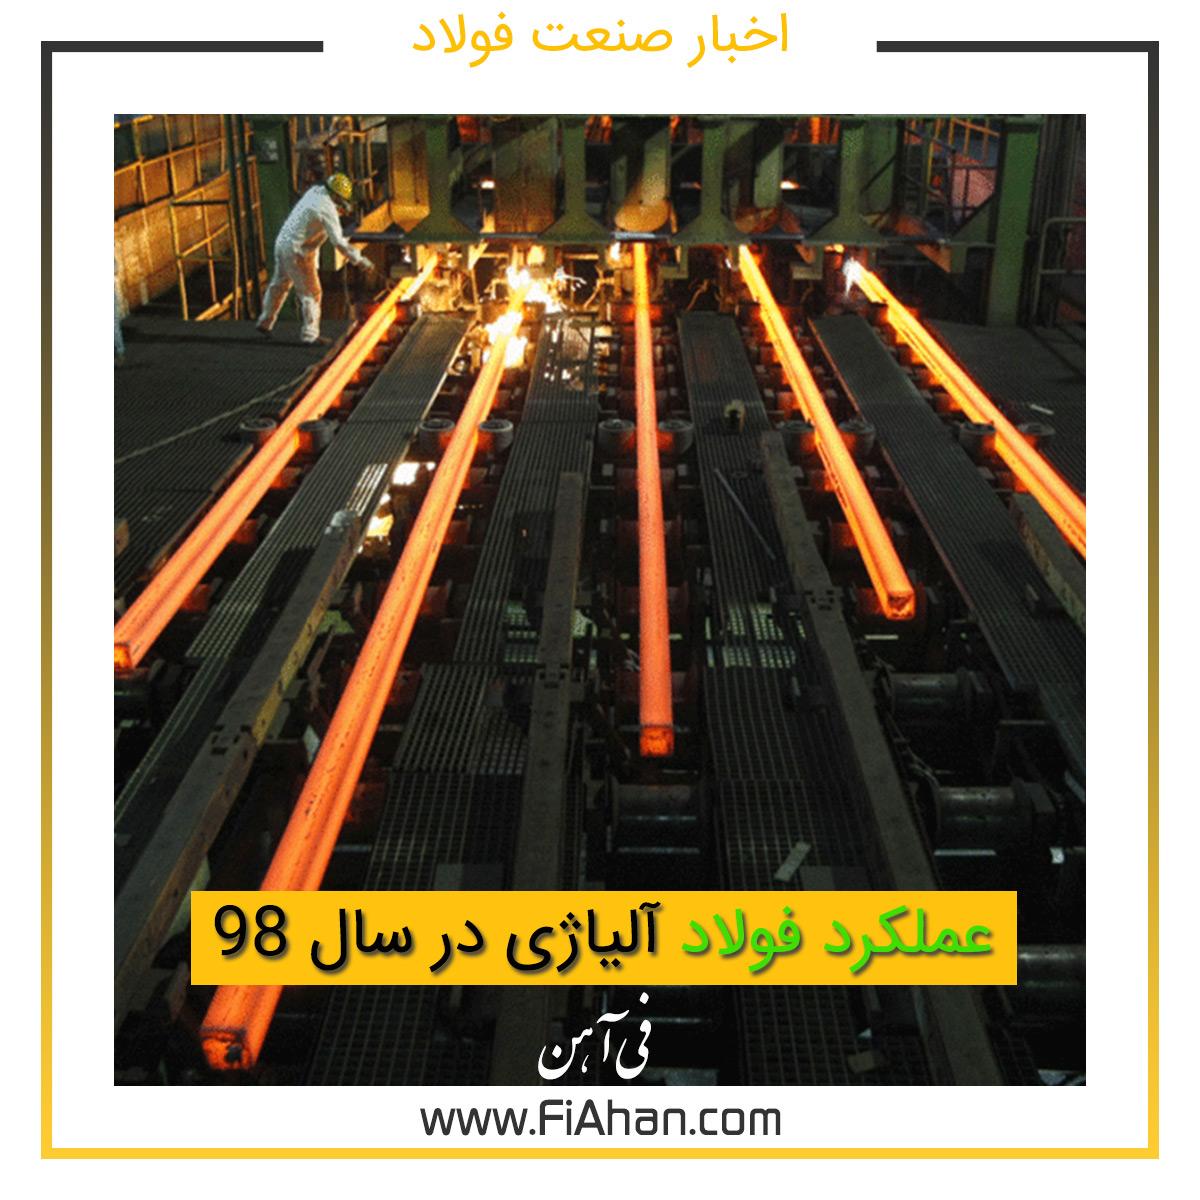 عملکرد فولاد آلیاژی در سال 98